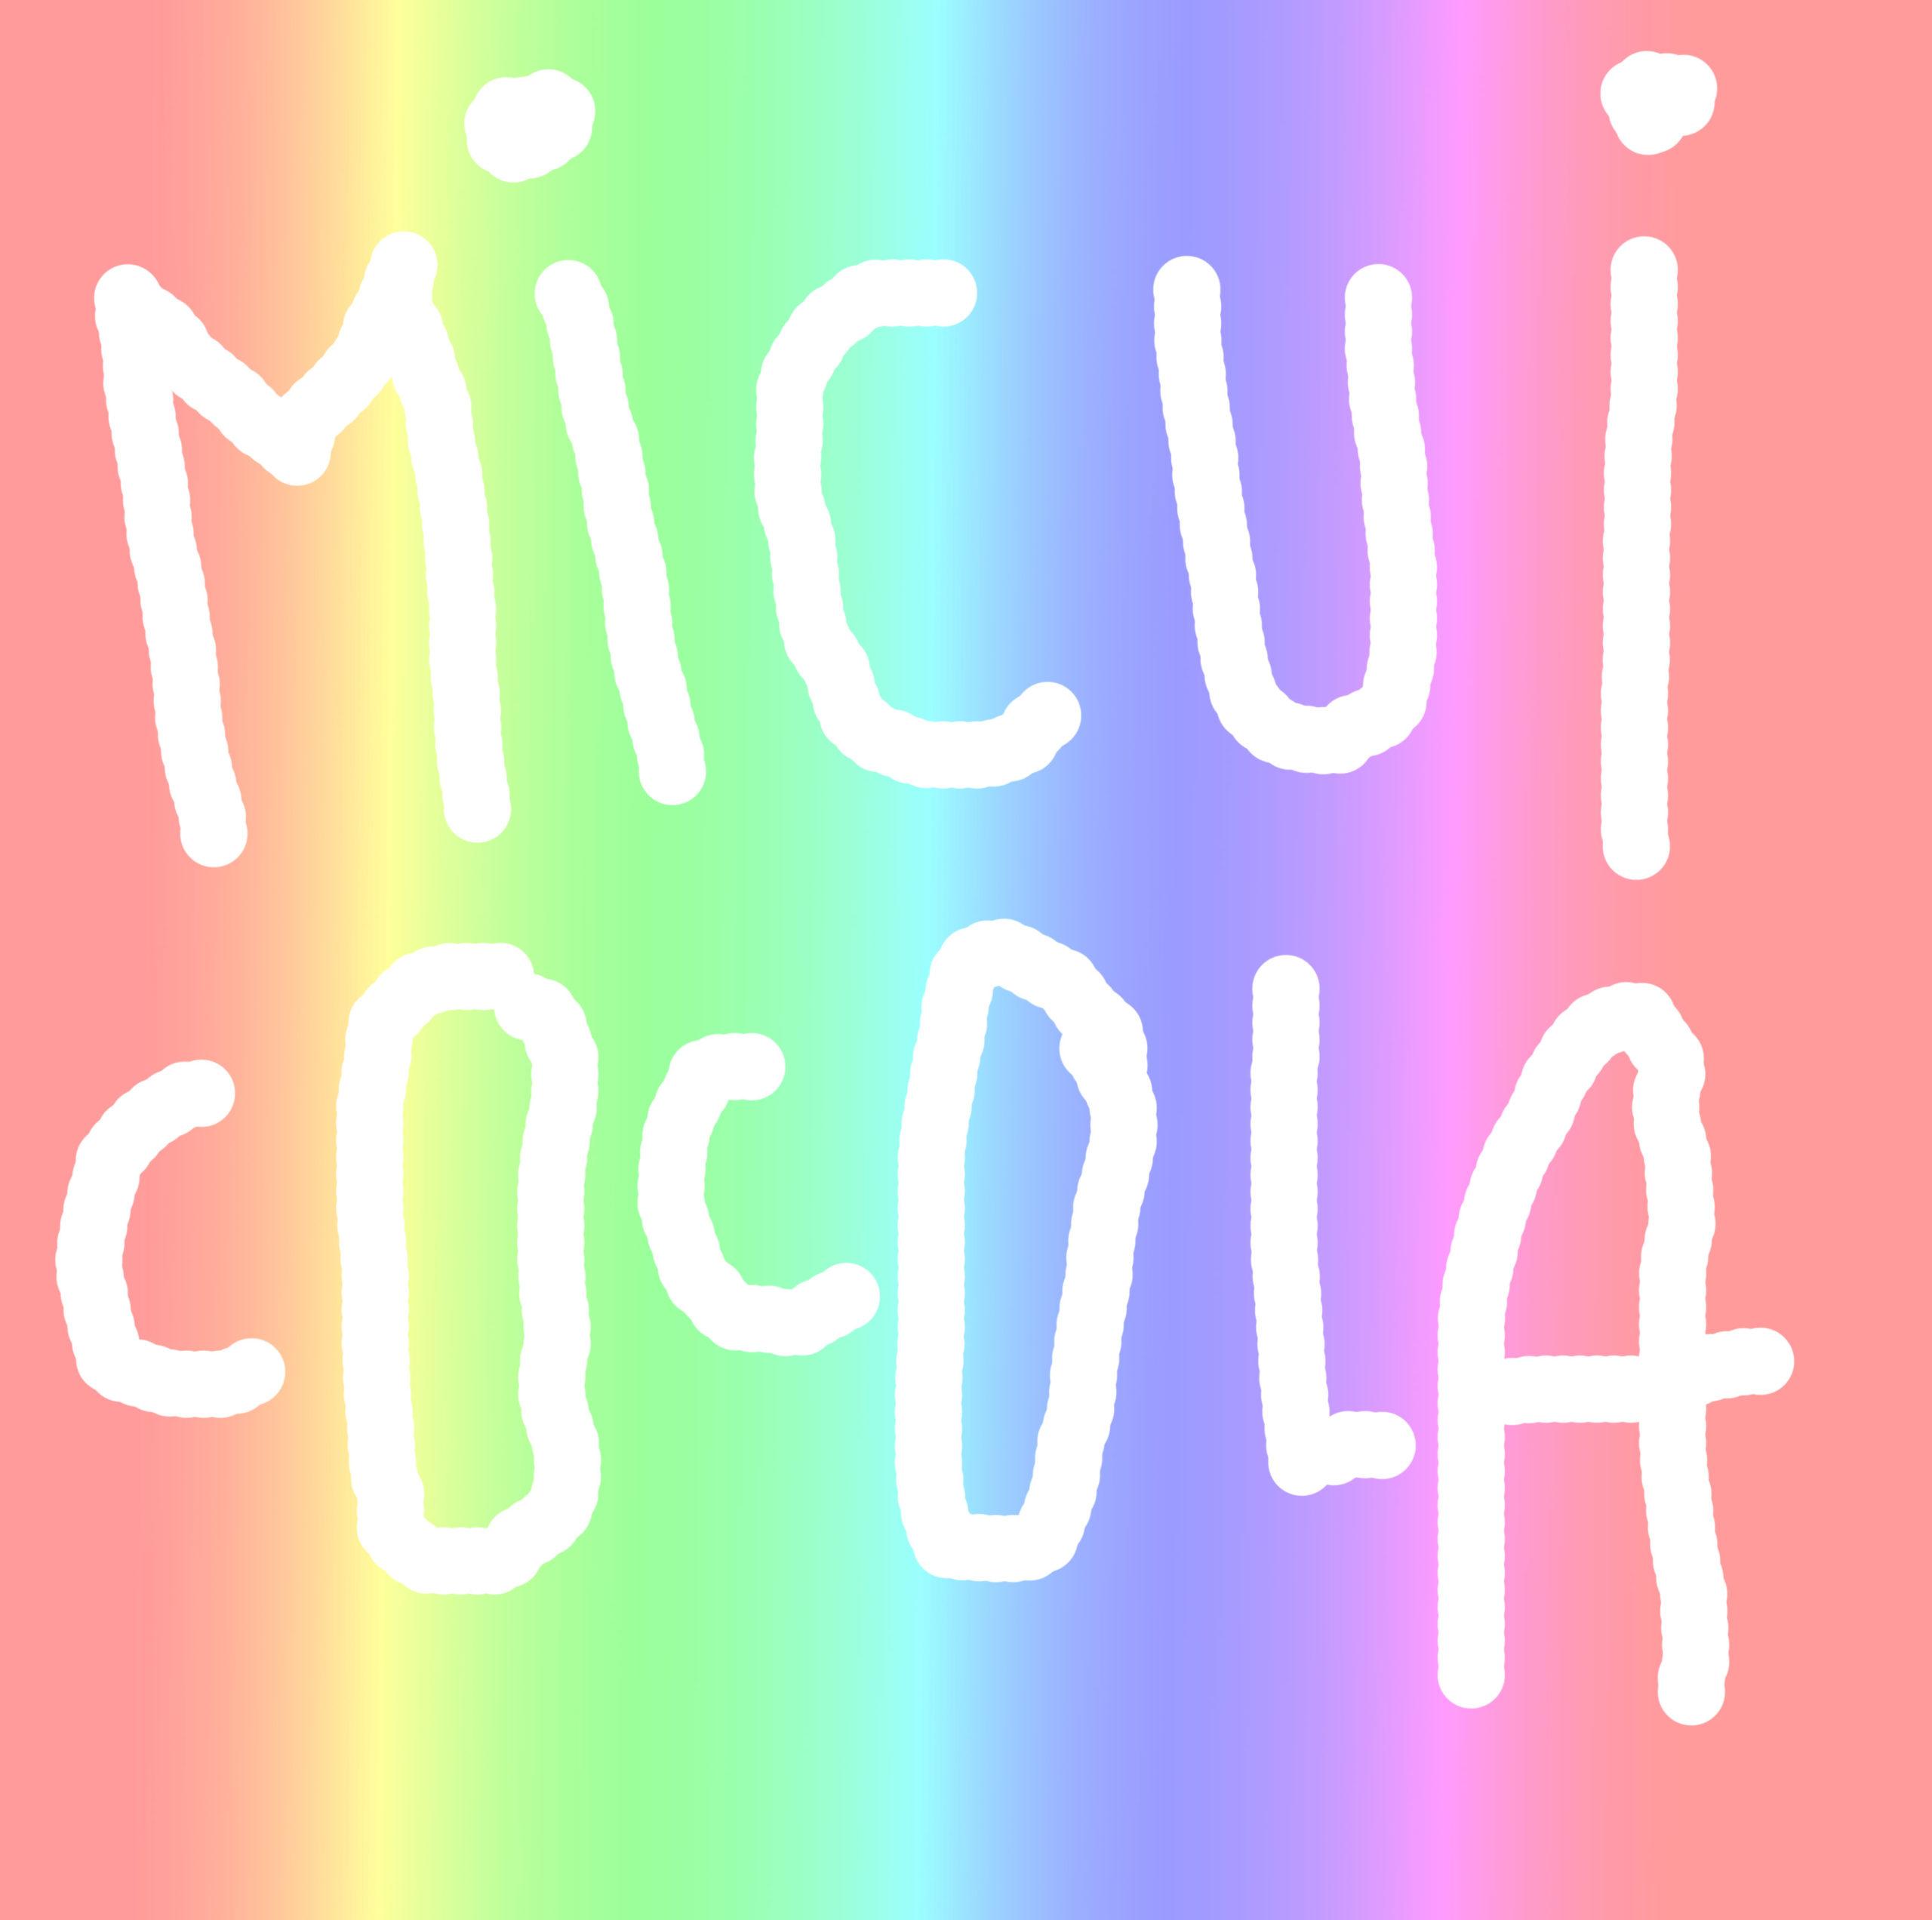 MICUICOCOLA : NOUVEAUX TUBES 2021